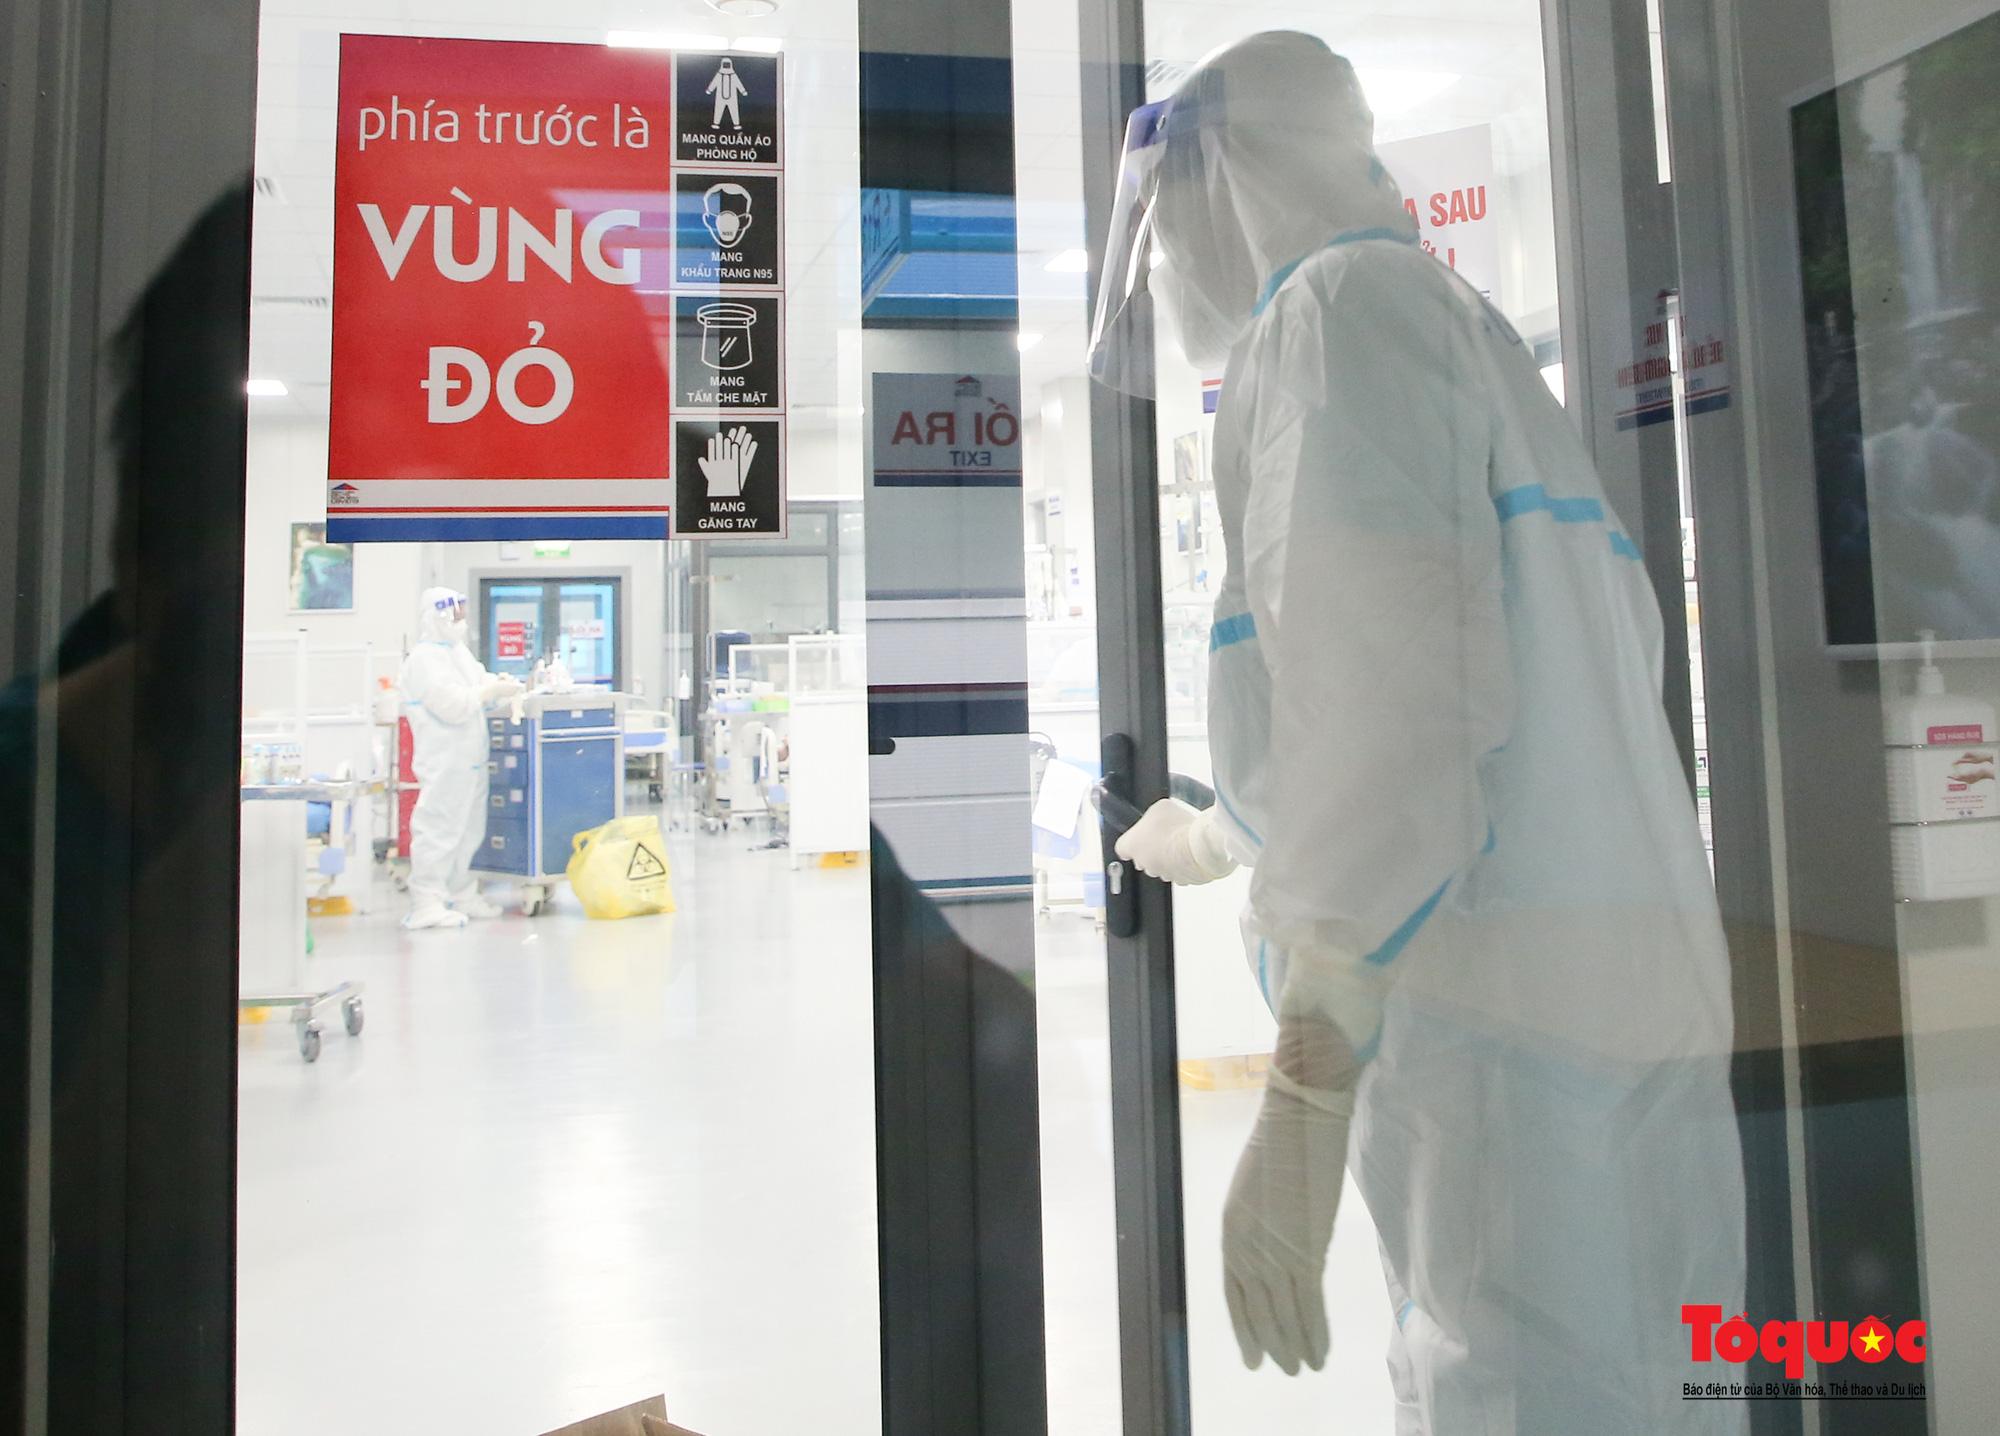 Hà Nội: Cận cảnh bên trong khu điều trị hiện đại của Bệnh viện điều trị người bệnh Covid 19  - Ảnh 21.